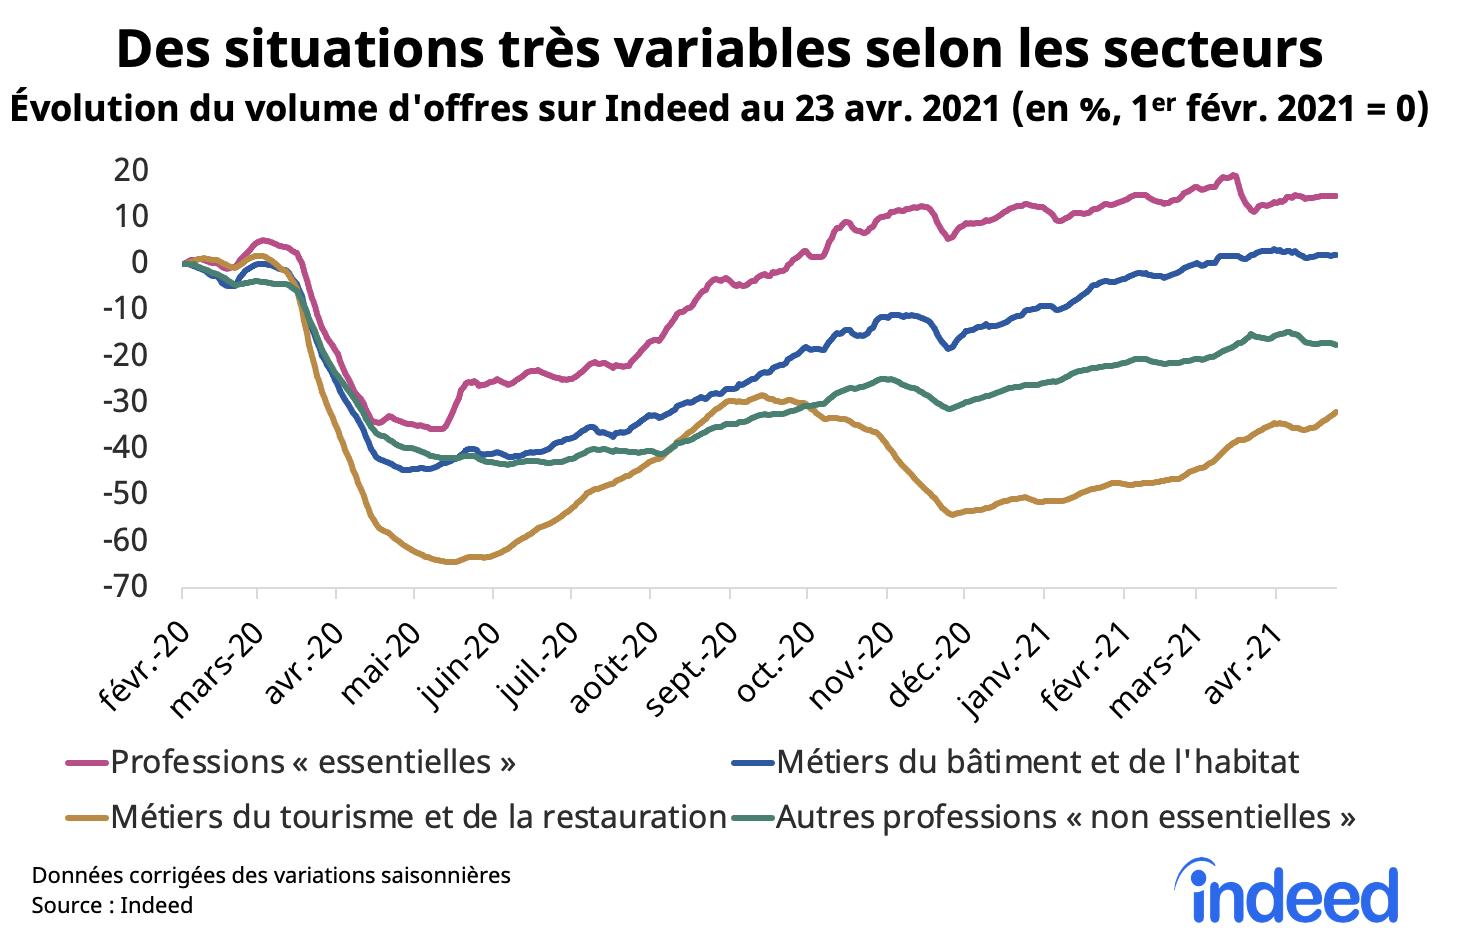 Des situations tres variables selon les secteurs